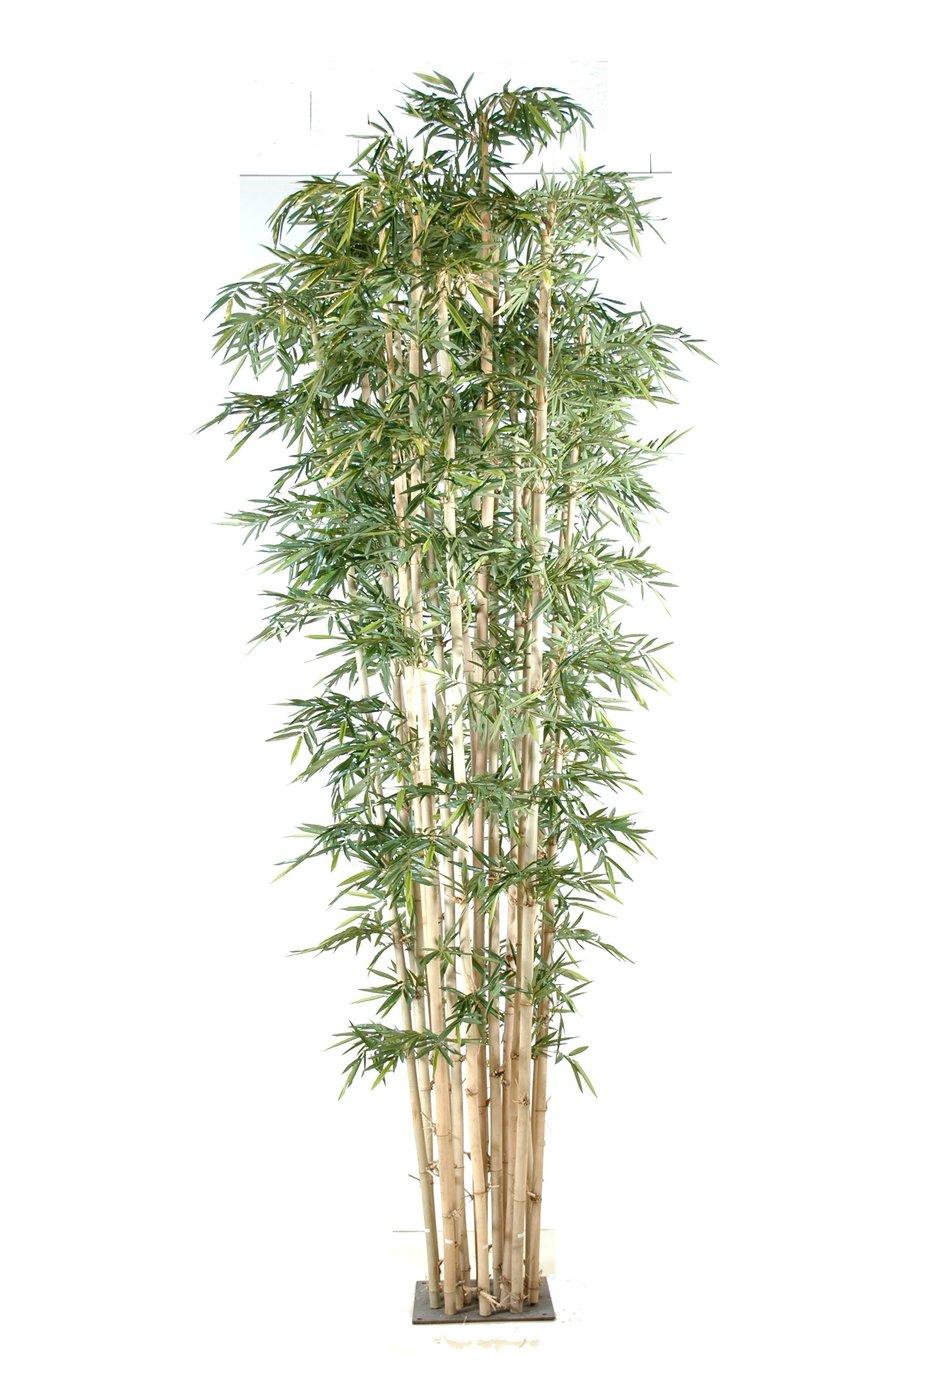 Bambus plantas artificiais ingarden - Bambu planta exterior ...